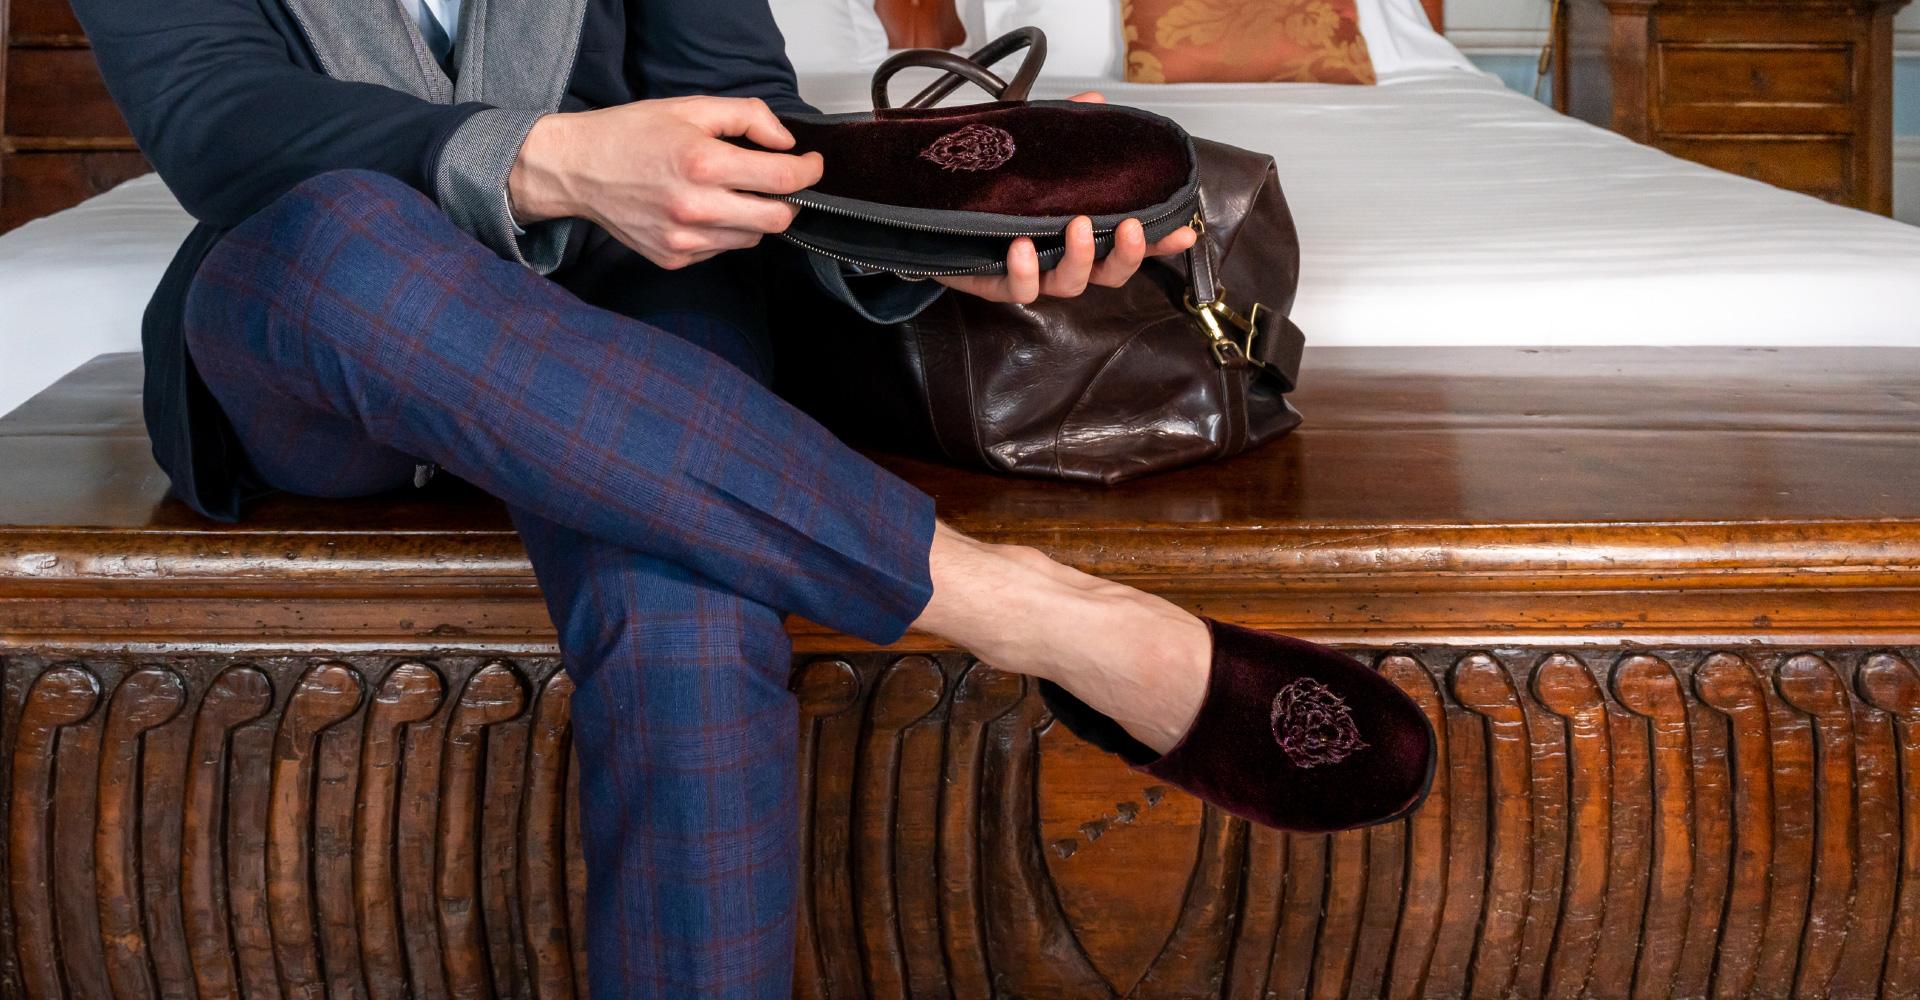 Nuova collezione da viaggio - Farfalla italian slippers